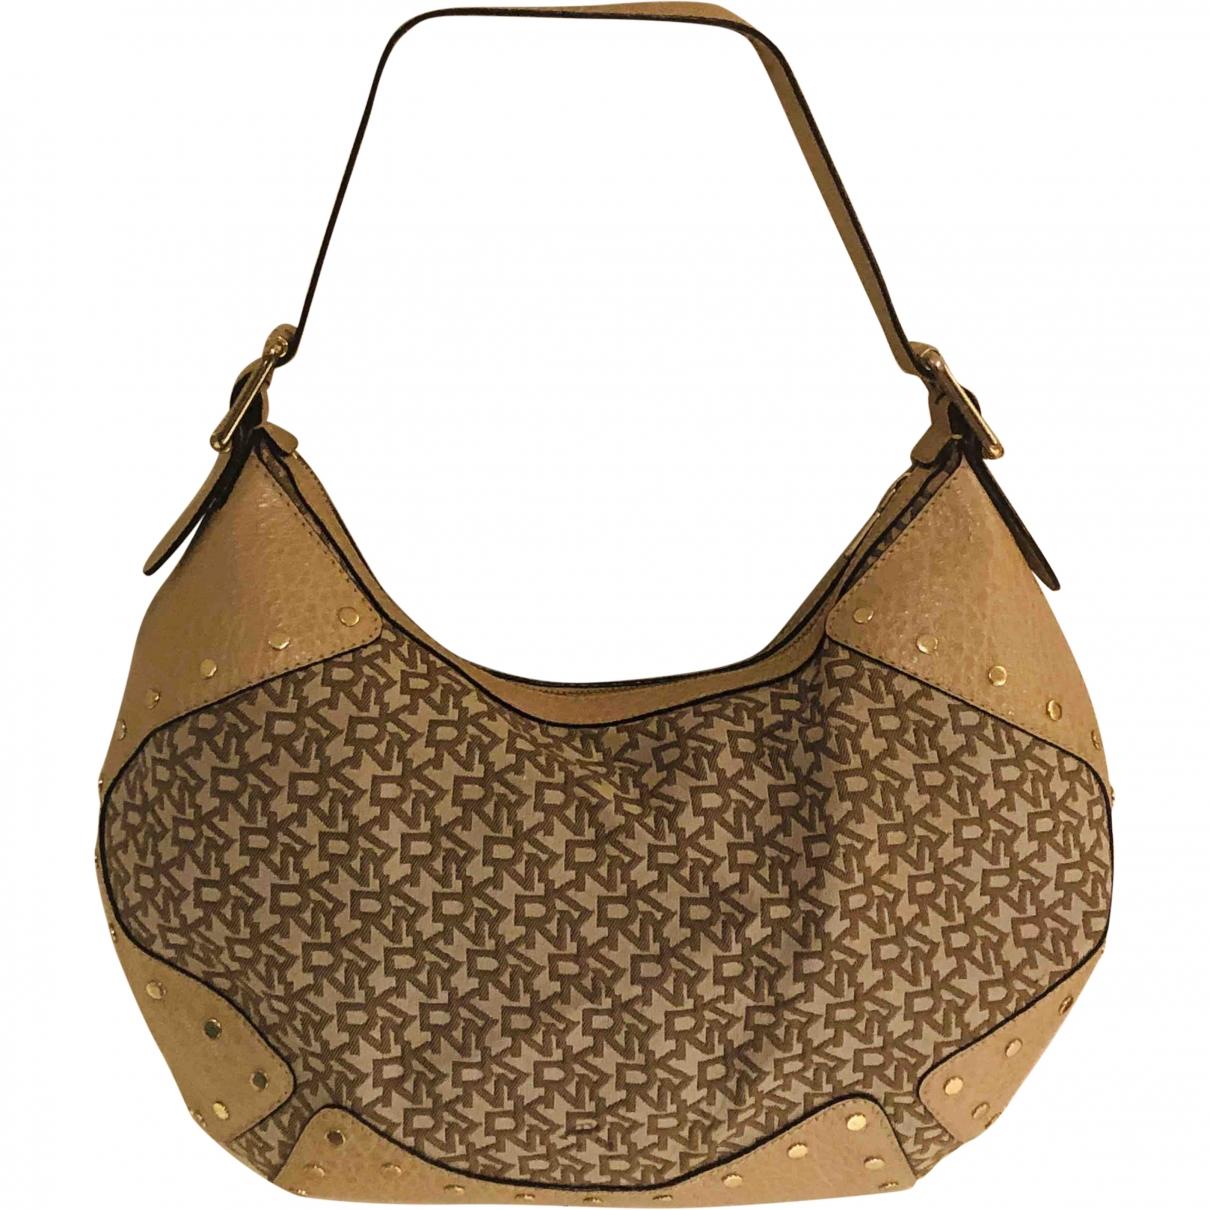 Donna Karan \N Handtasche in  Beige Leinen